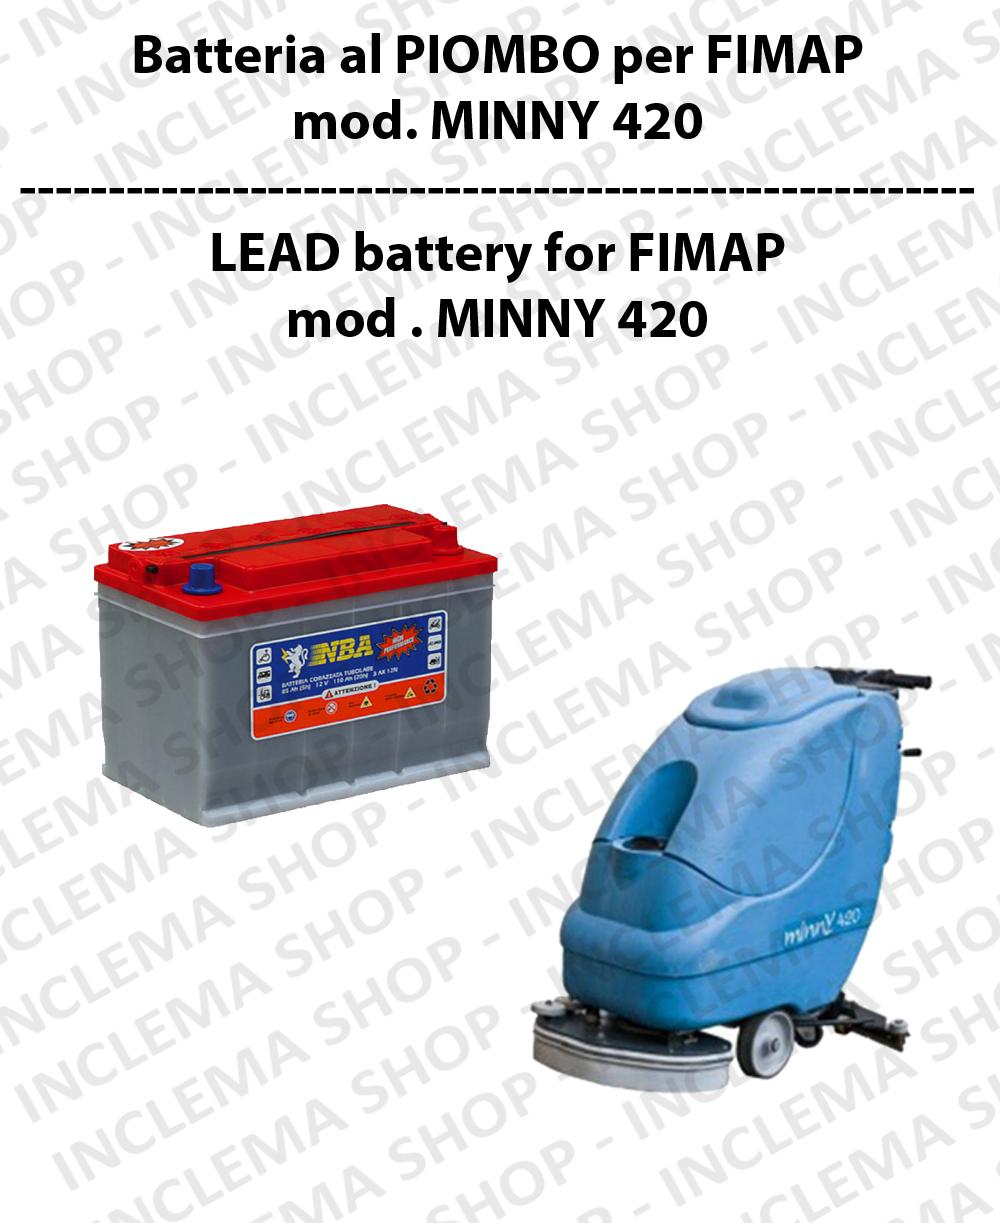 Batteria al PIOMBO per lavapavimenti FIMAP modello MINNY 420